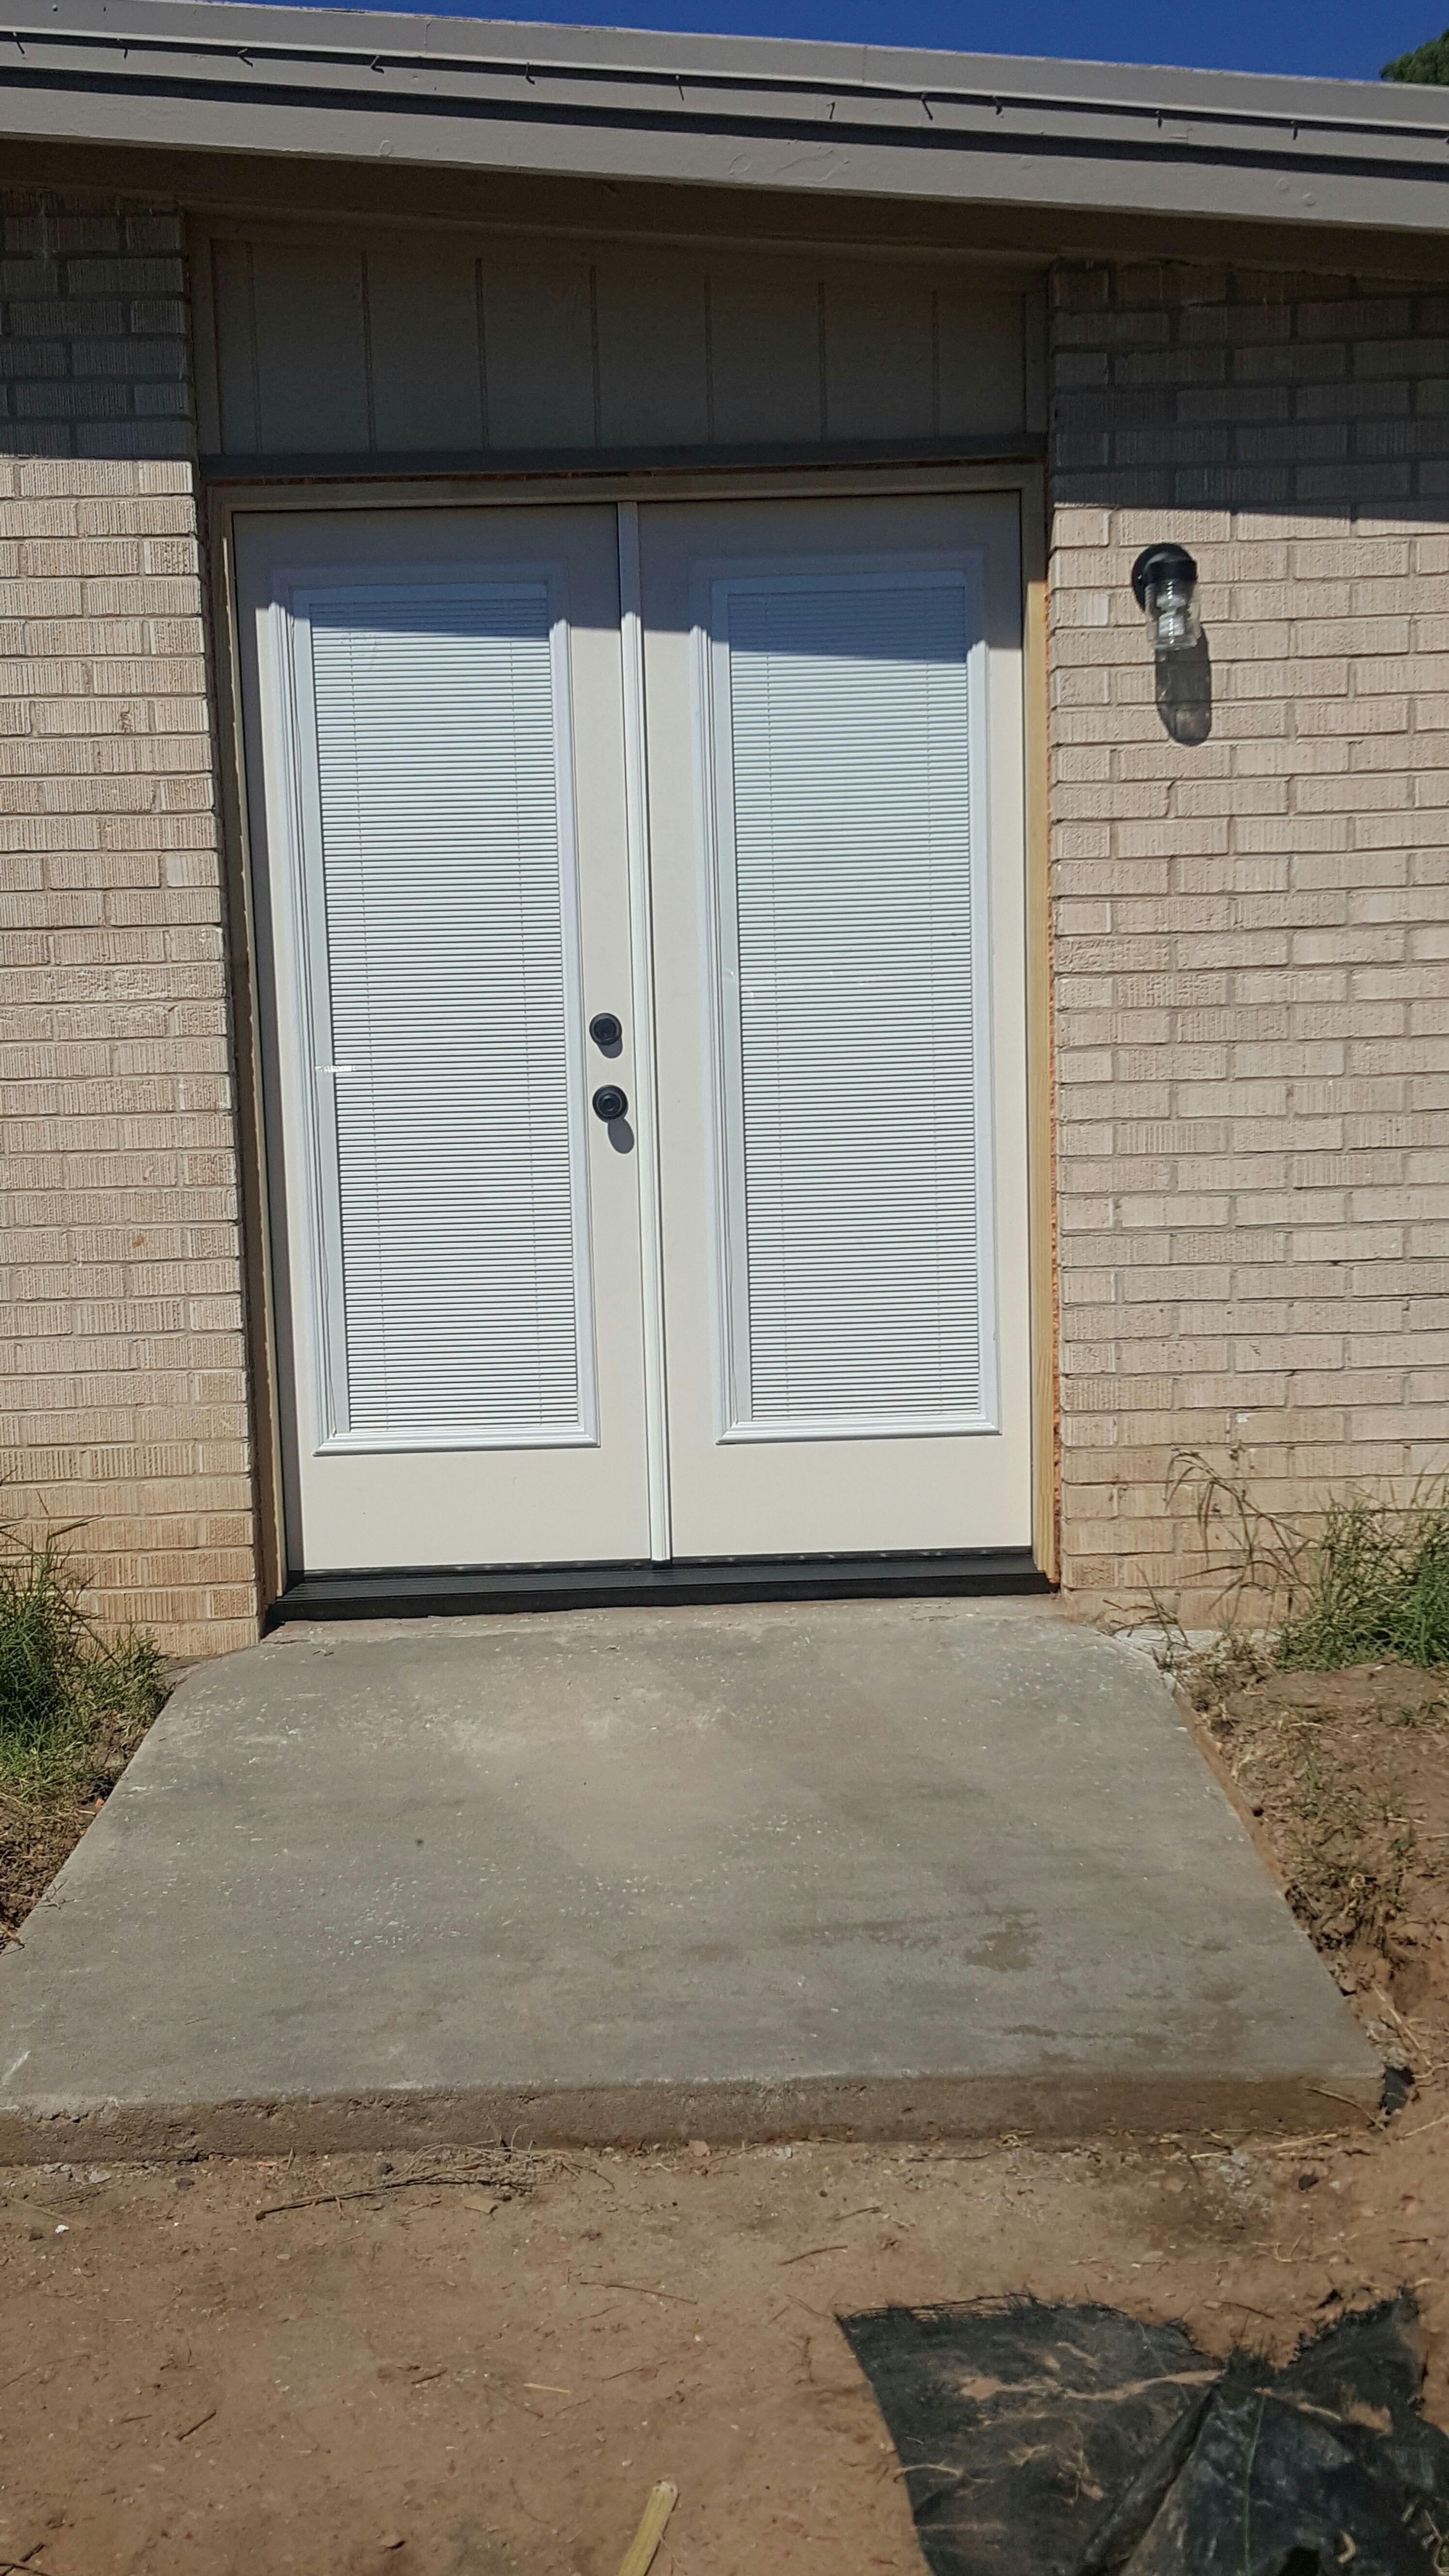 Premier Windows And Doors Elp, El Paso Texas (tx. How To Finish Garage Floor. Garage Parking. Bedford Garage Door. Garage Door Opener With App. Replace Cabinet Doors Only. Cat Flap Door. Sliding Patio Door. Garage Door Struts 16 Foot